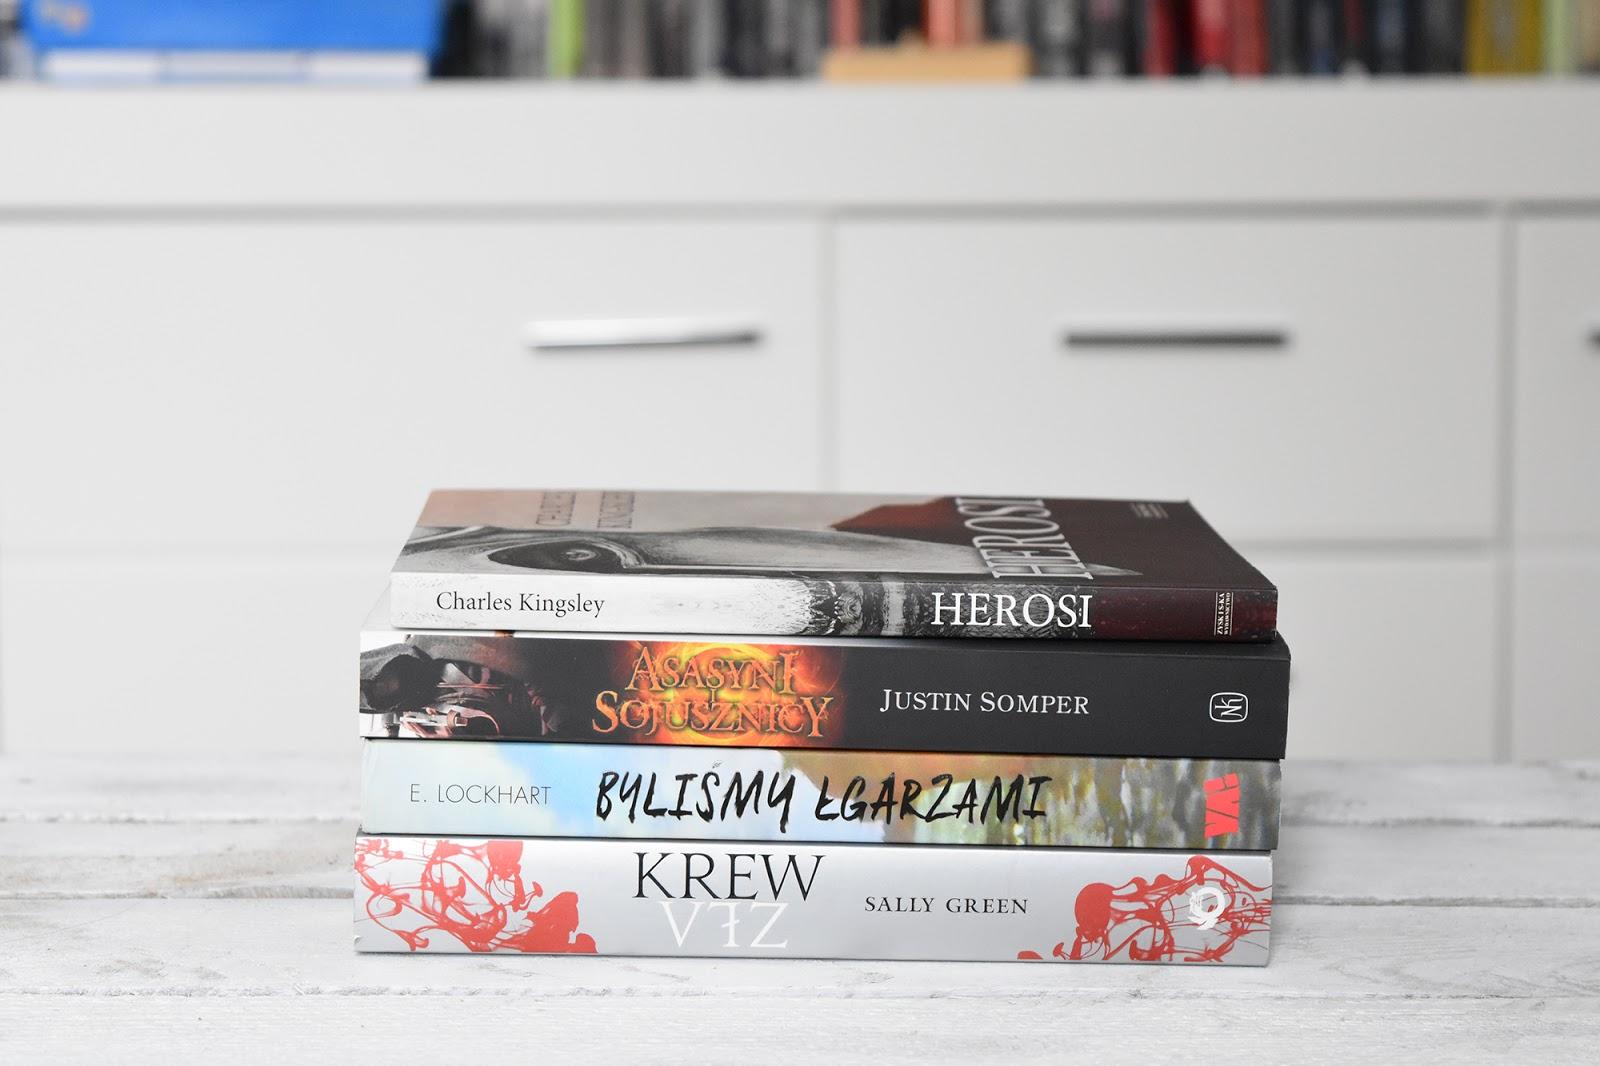 książki, tanie czytanie, tanie książki, tak czytam, Mróz, Stephen King, Byliśmy Łgarzami, Zła krew, bookstagram, nowe książki